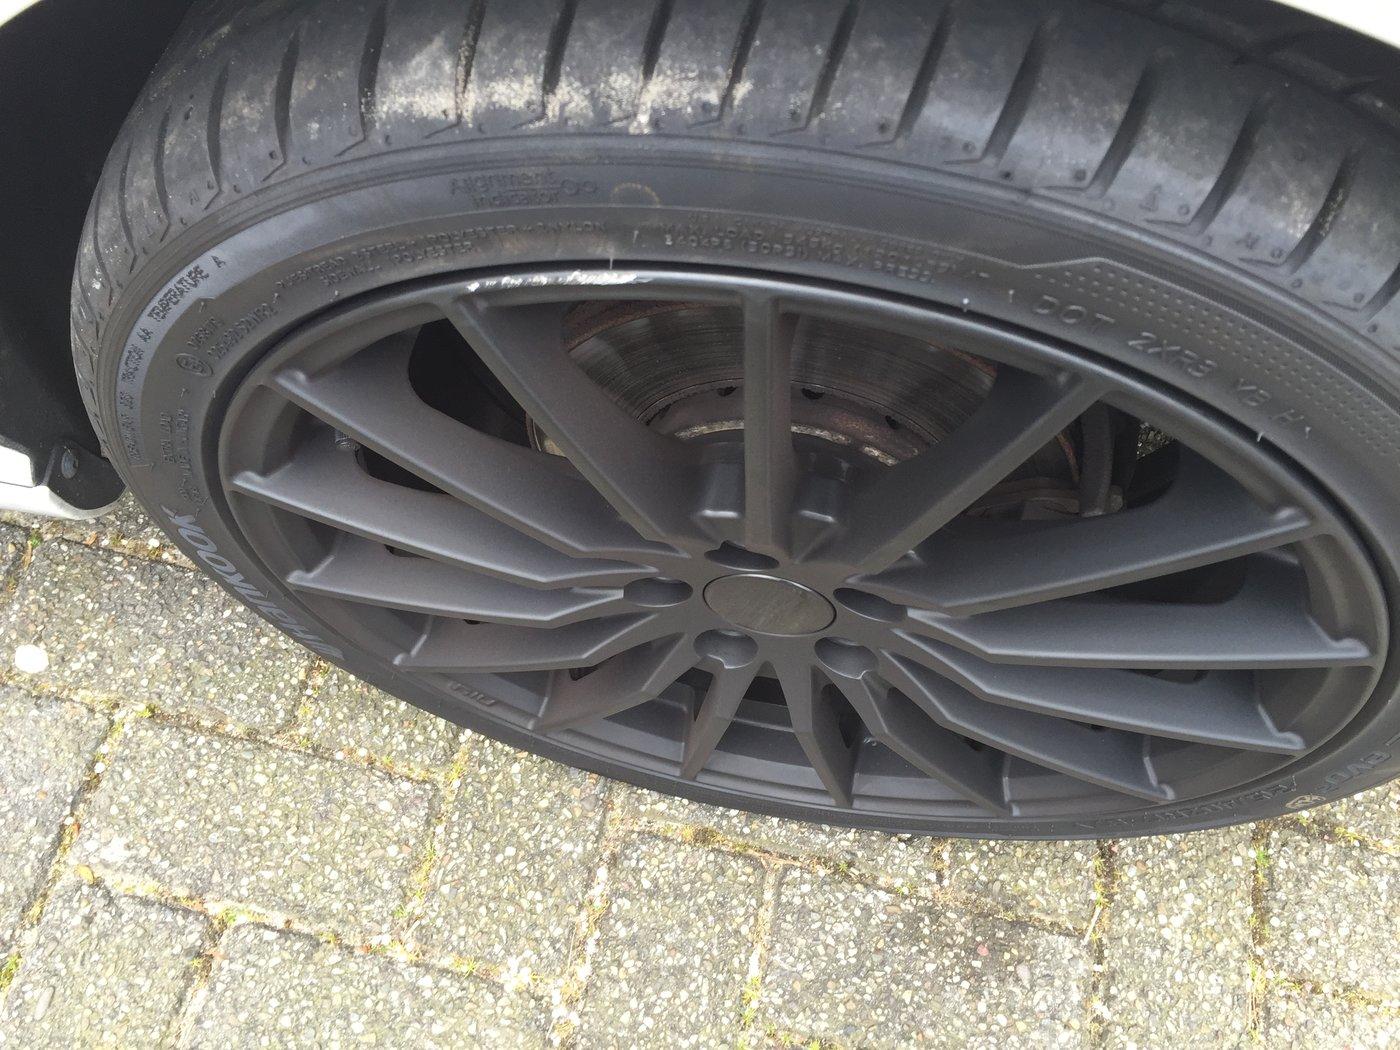 Stoeprandschade Op Nieuwe Mat Zwarte Velgen Carcleancom Forum